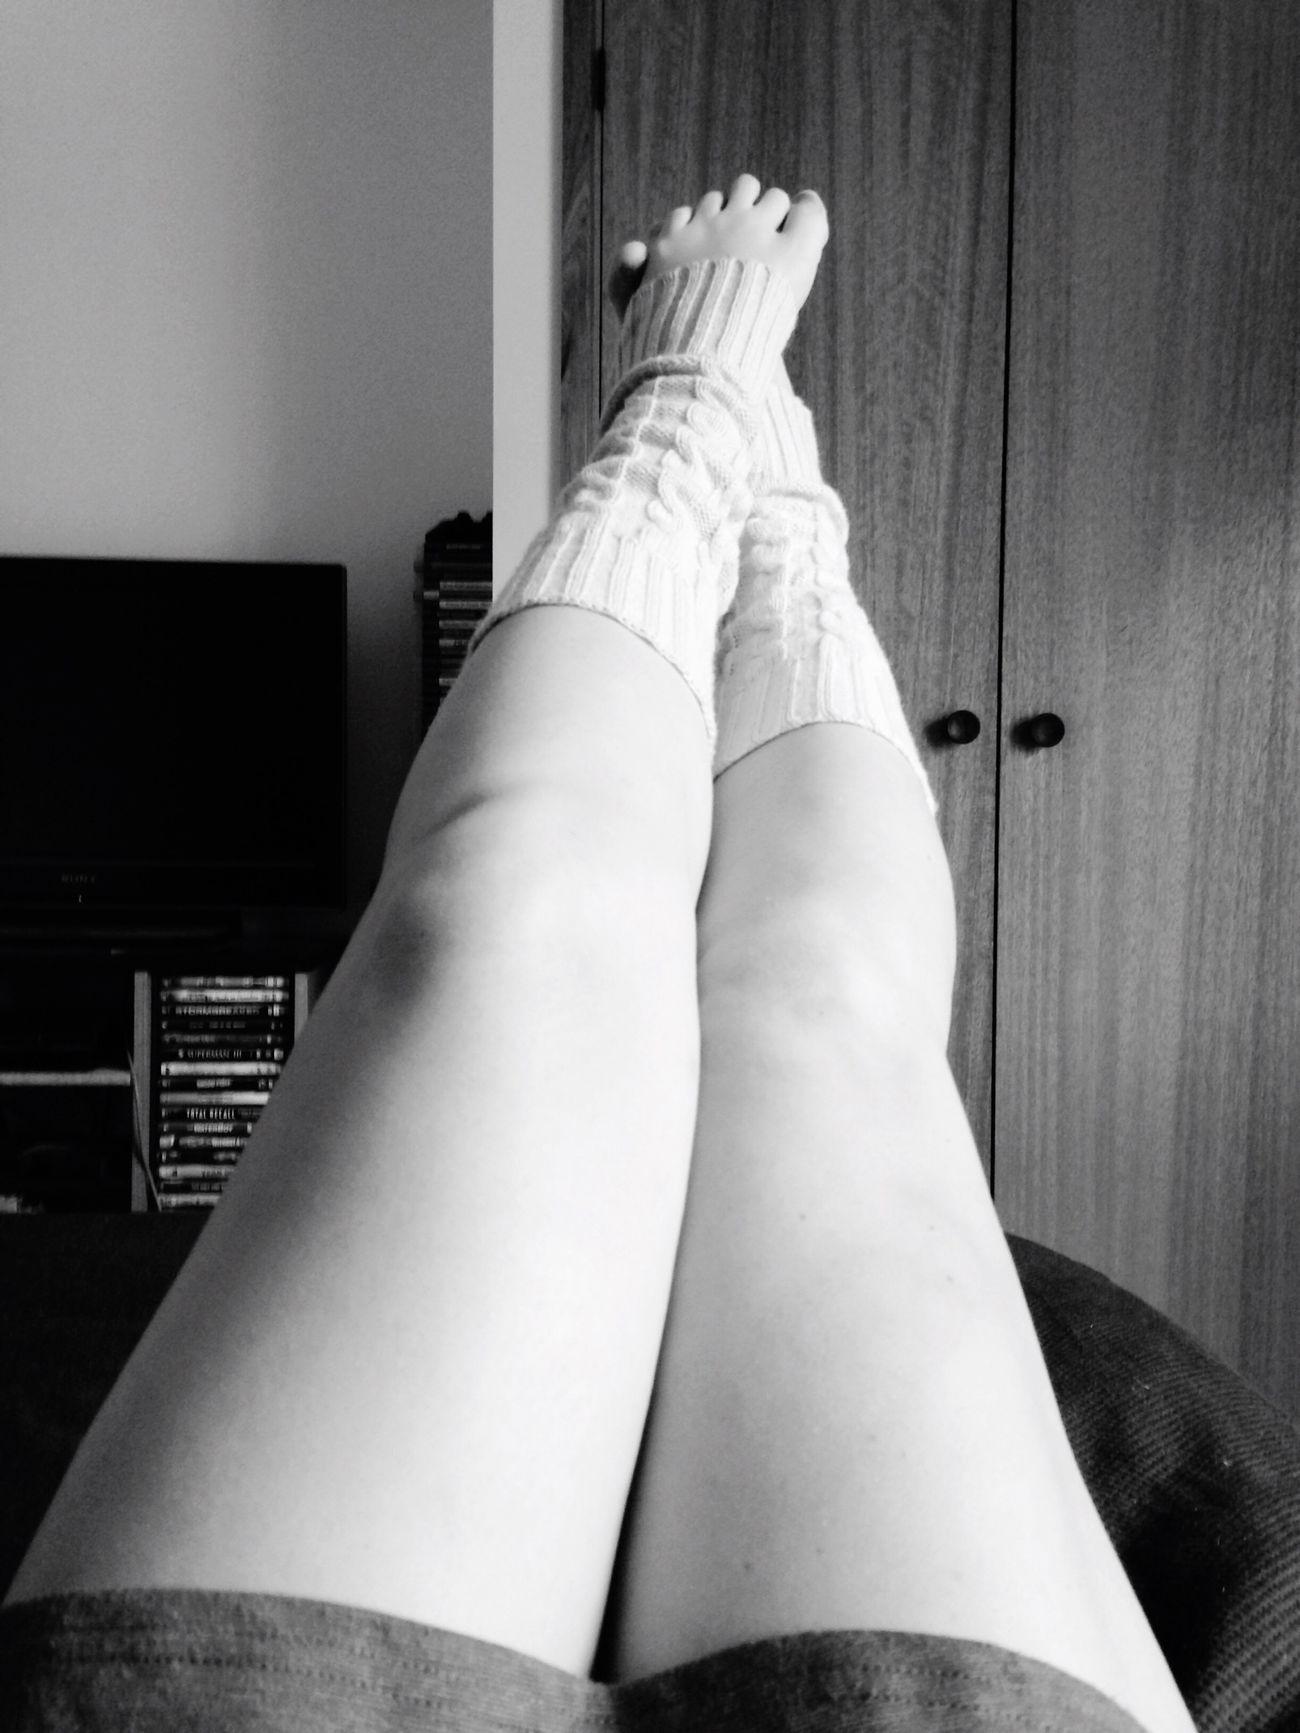 Legs Legwarmers Blackandwhite